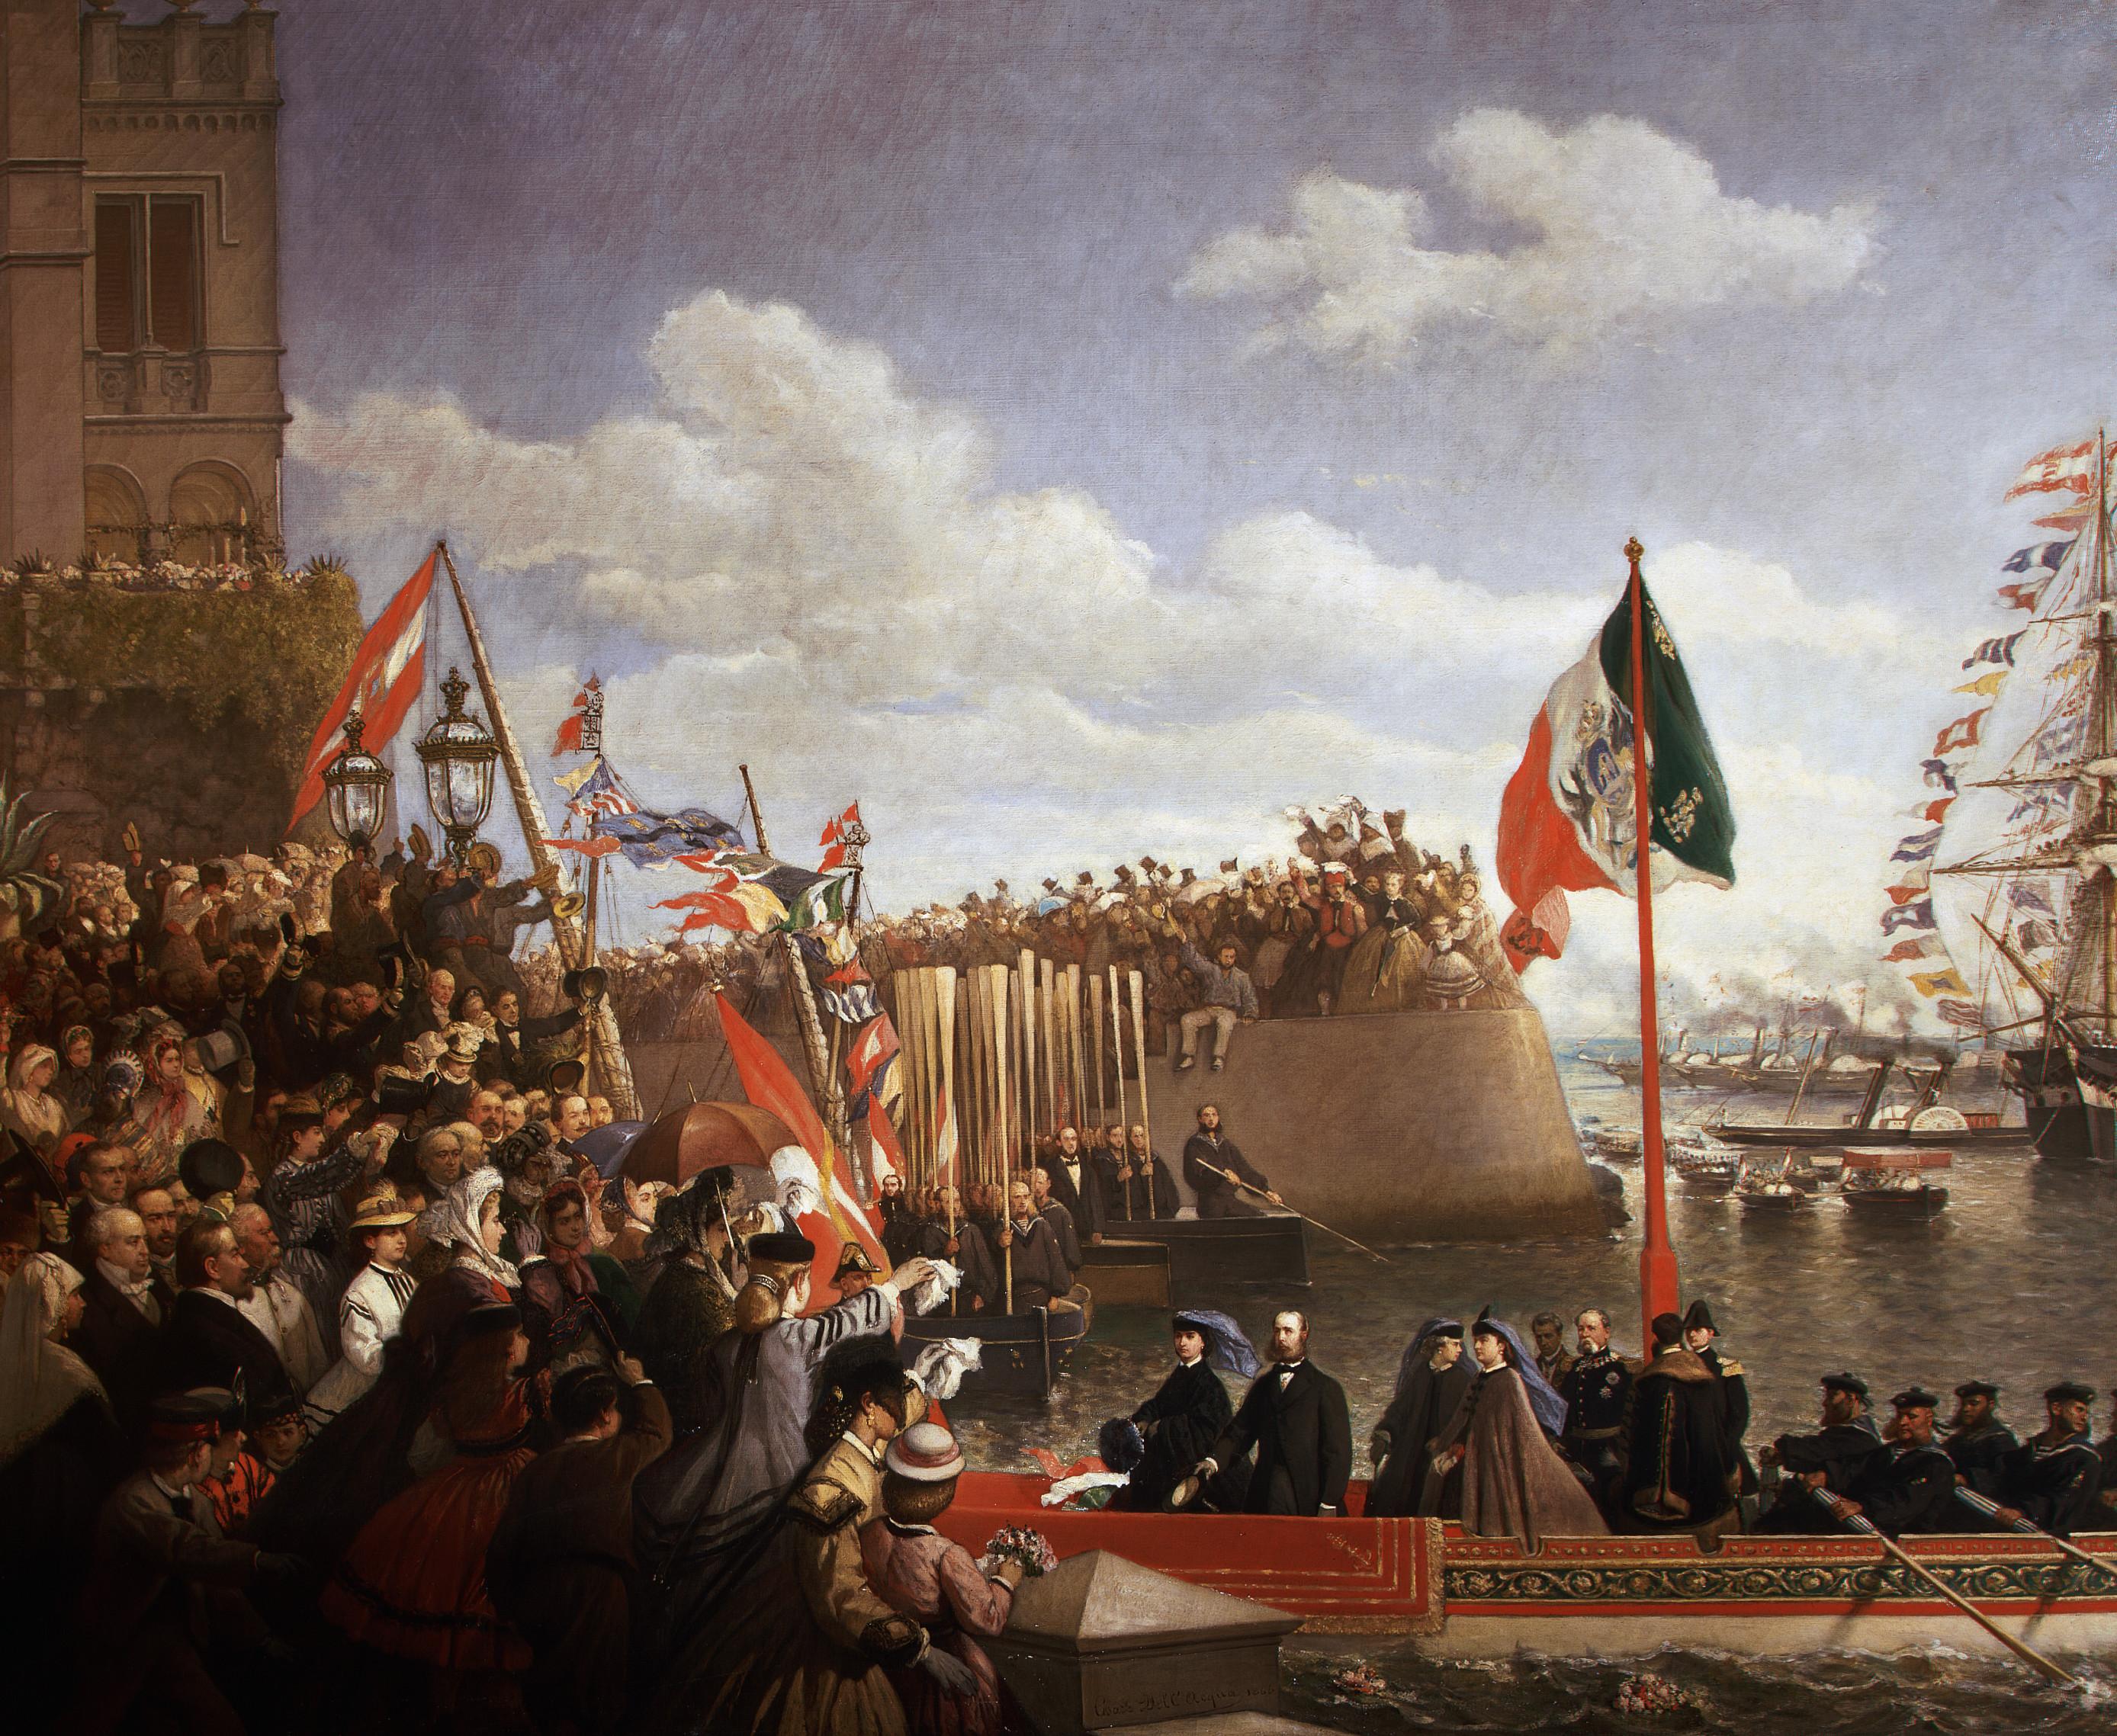 Uncategorized Origins Of Cinco De Mayo cinco de mayo pictures history com parade 1864 austrian archduke ferdinand maximilian emperor of mexico i